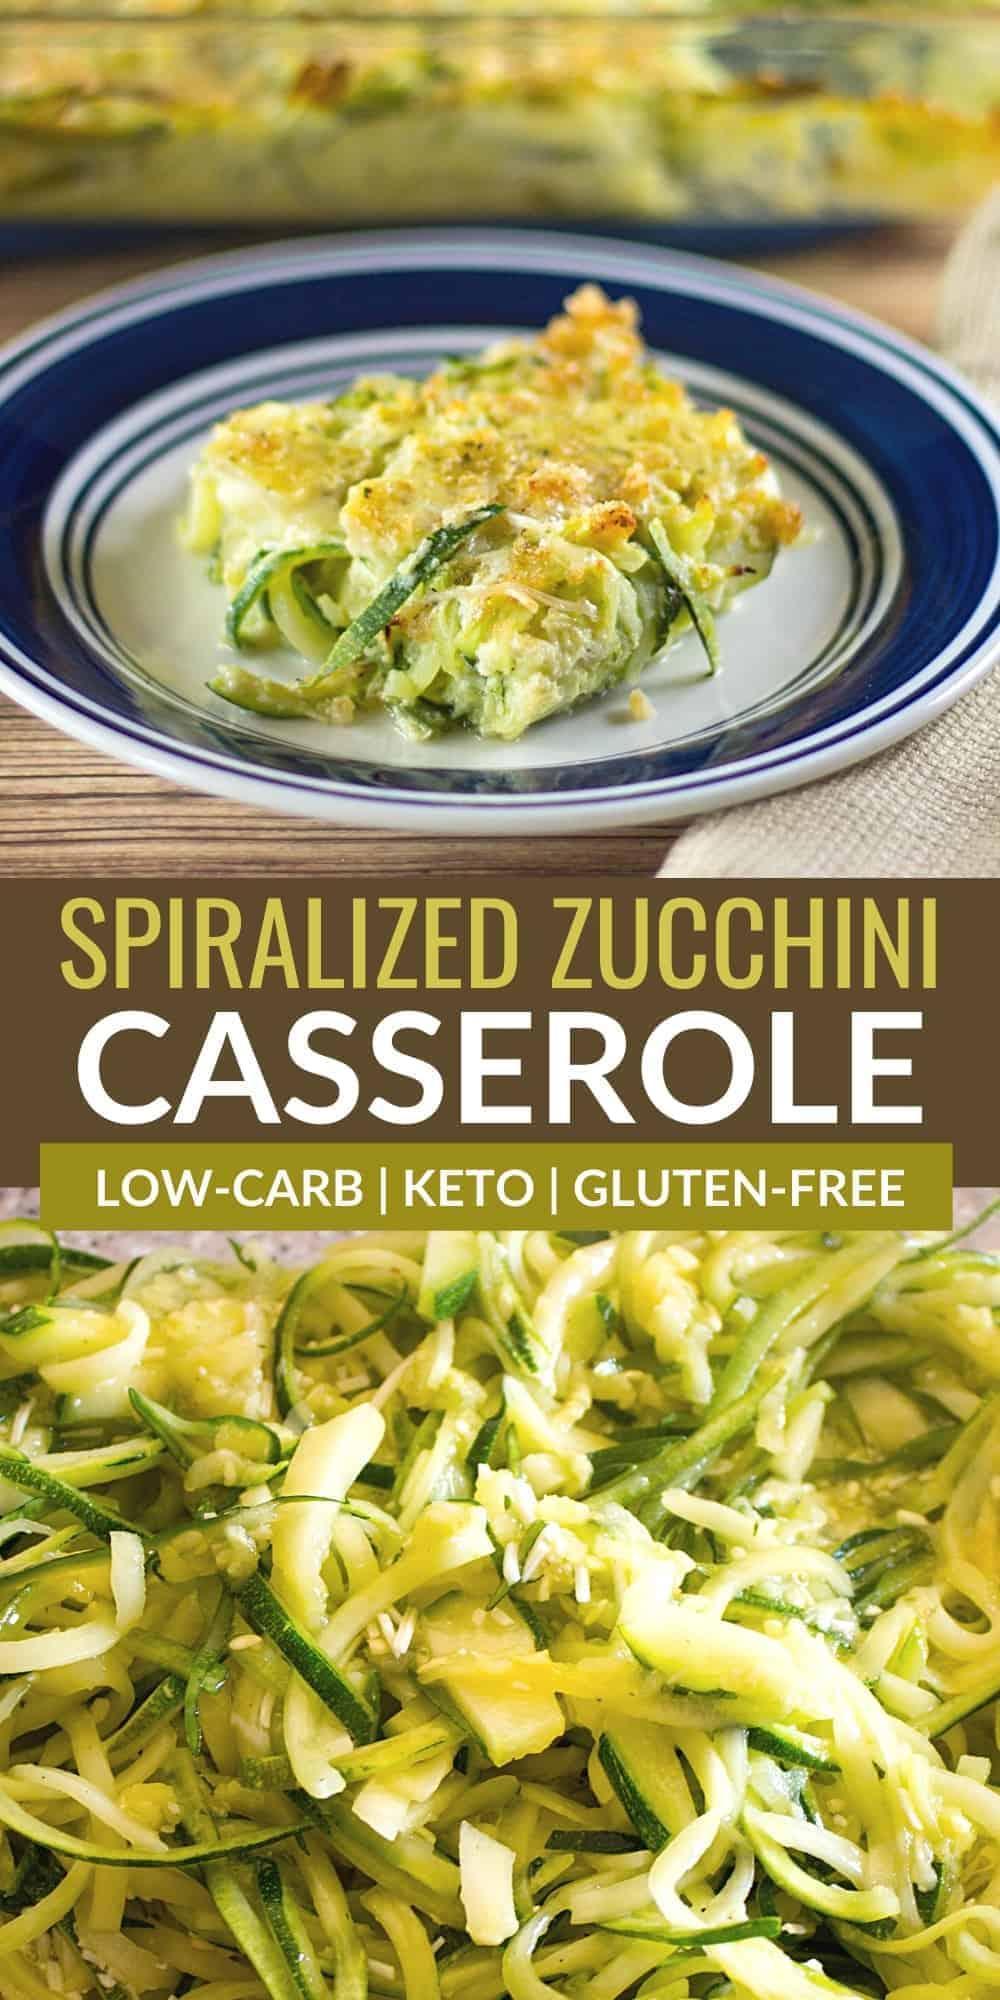 spiralized zucchini casserole pinterest image